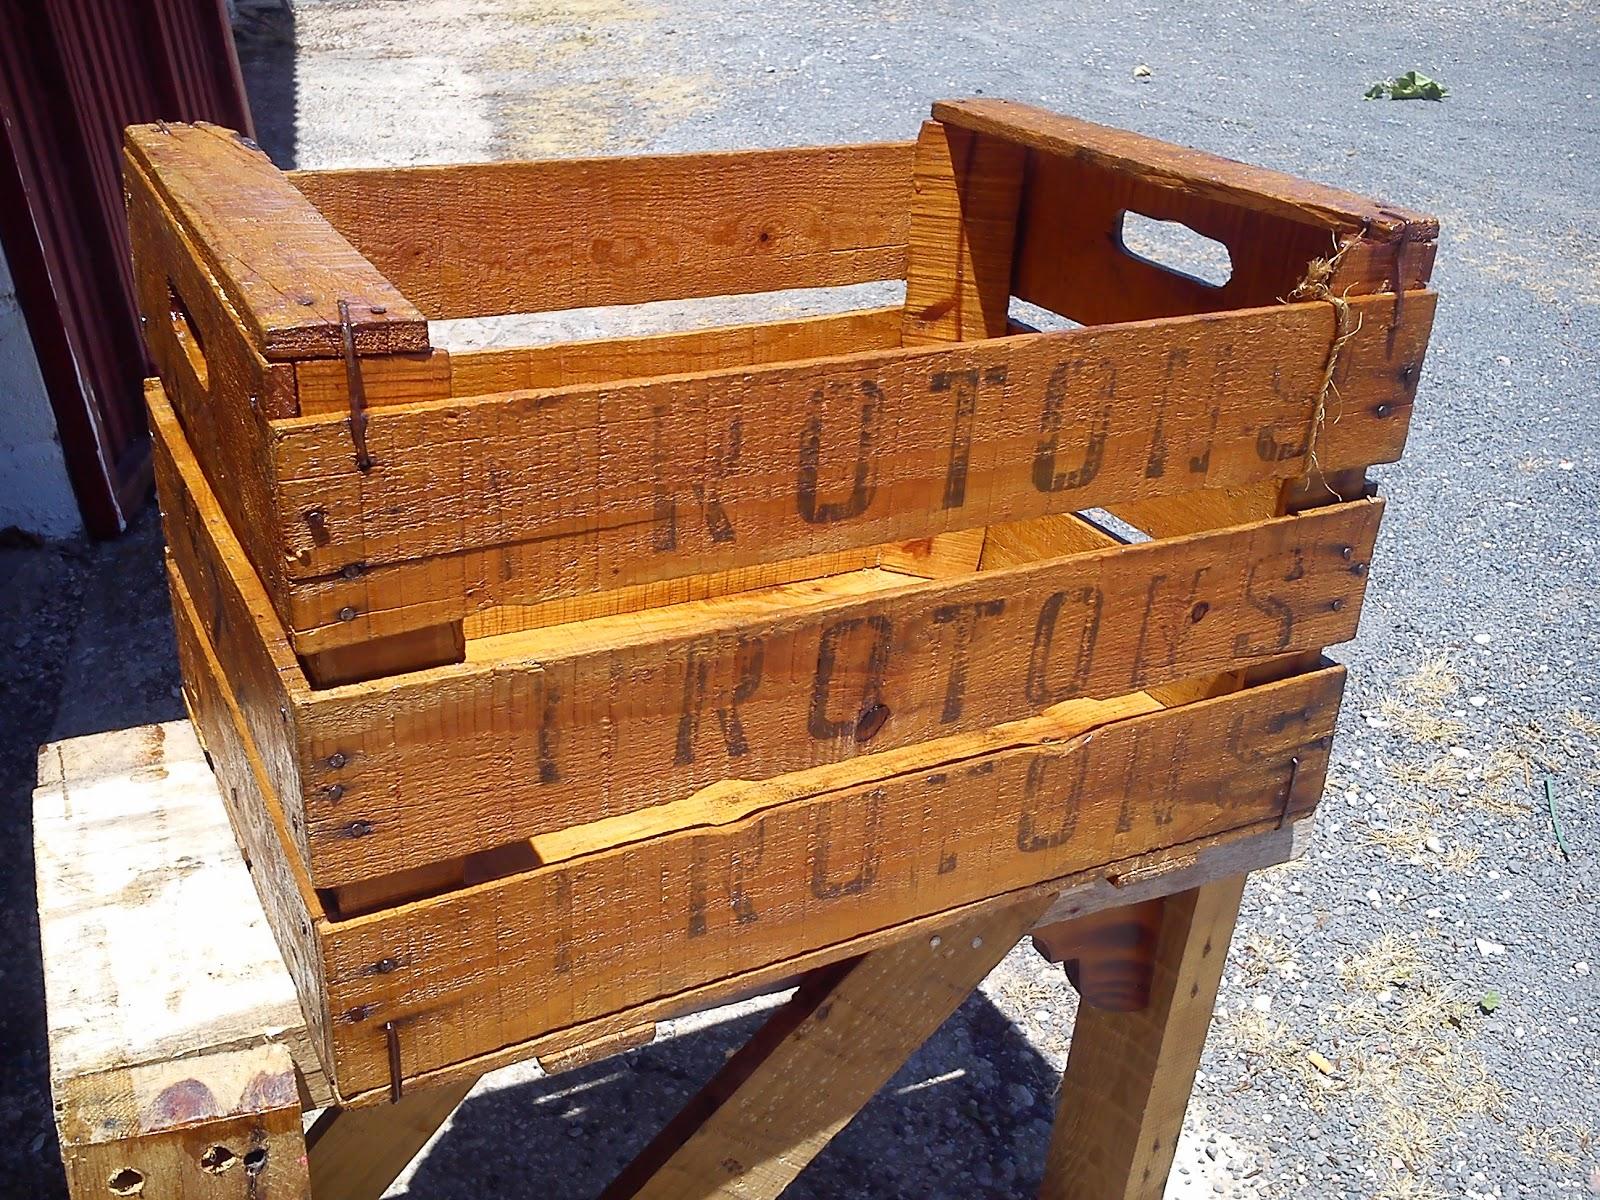 ya tenemos nuestra caja antigua de madera restaurada con un aspecto con un color precioso esperando a ser usada para decorar nuestras